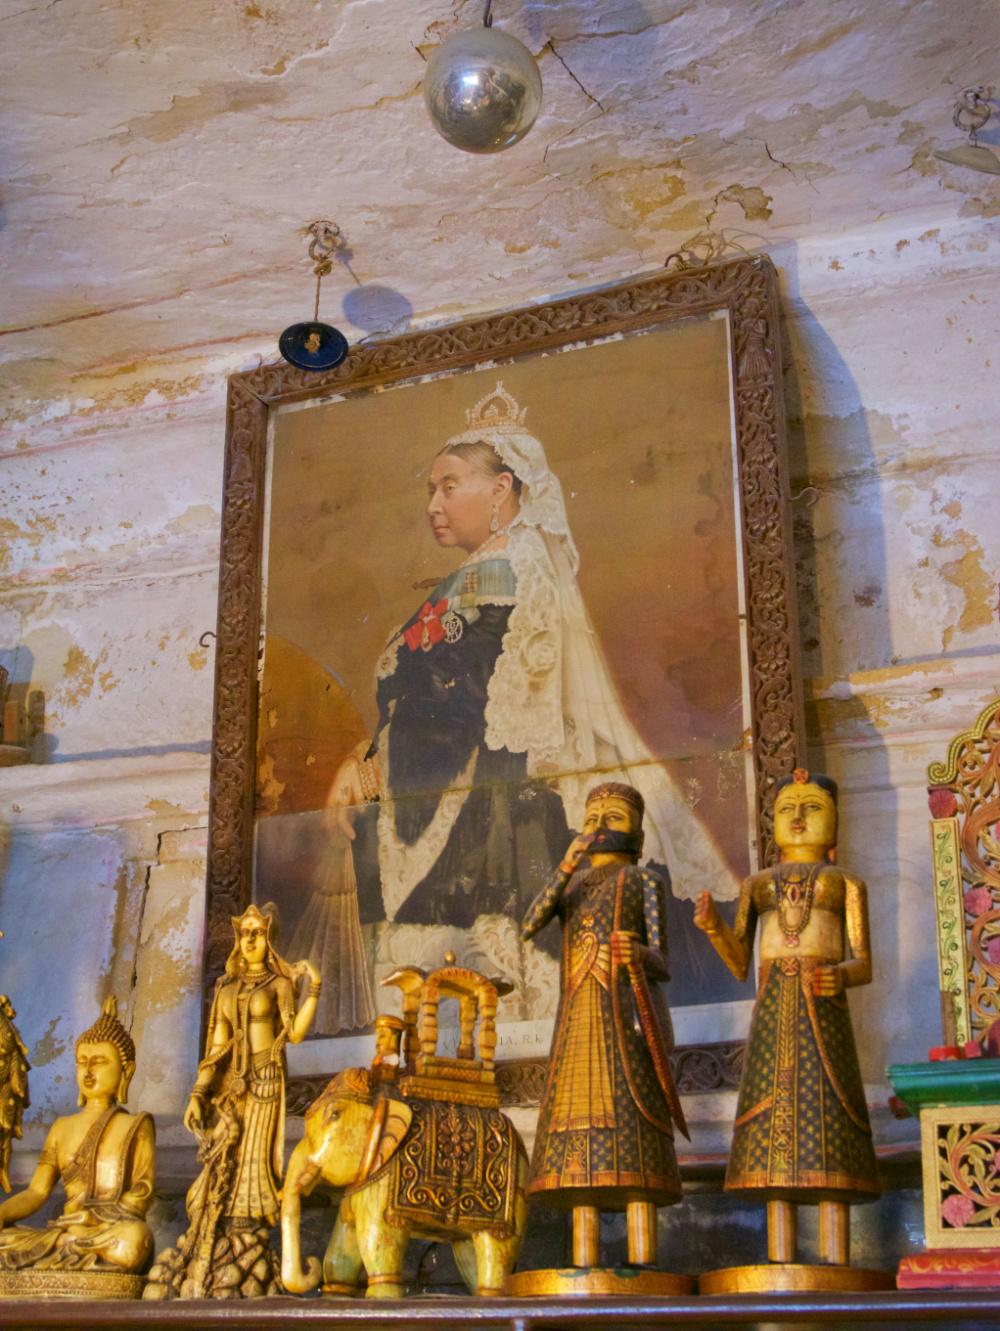 576-India-Jaisalmer